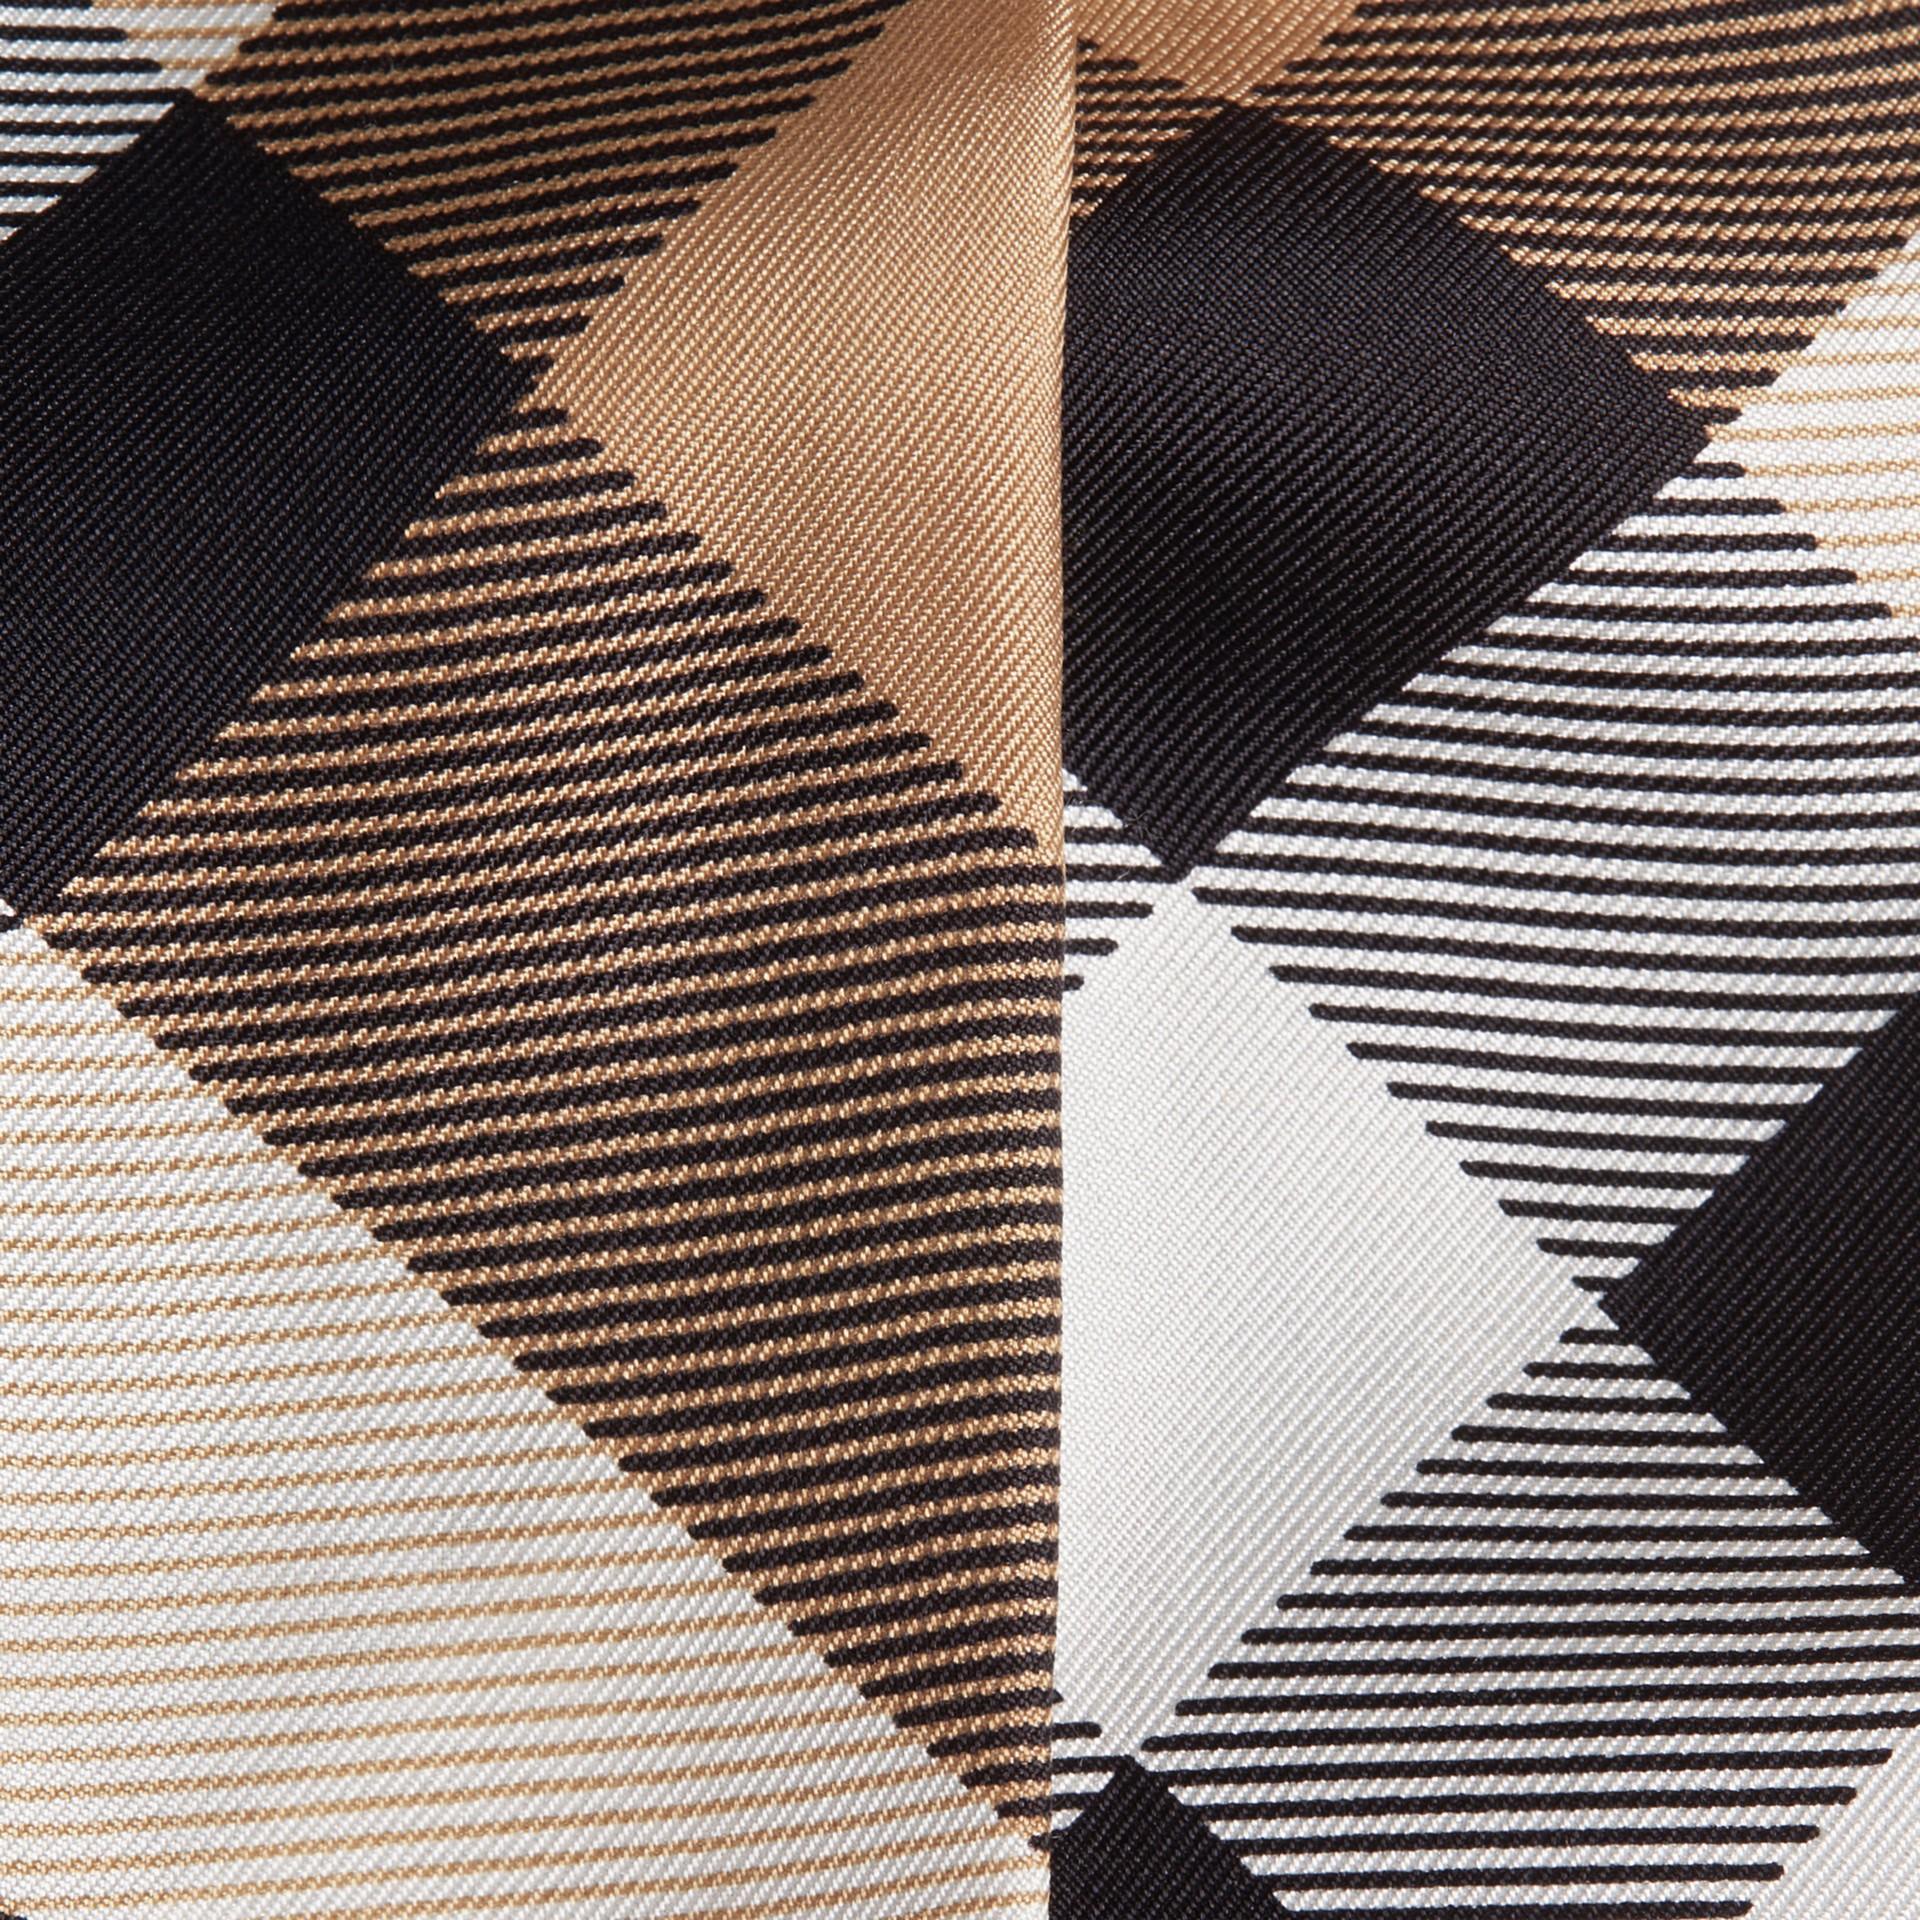 Cammello Sciarpa sottile in seta con stampa con motivo check Cammello - immagine della galleria 2